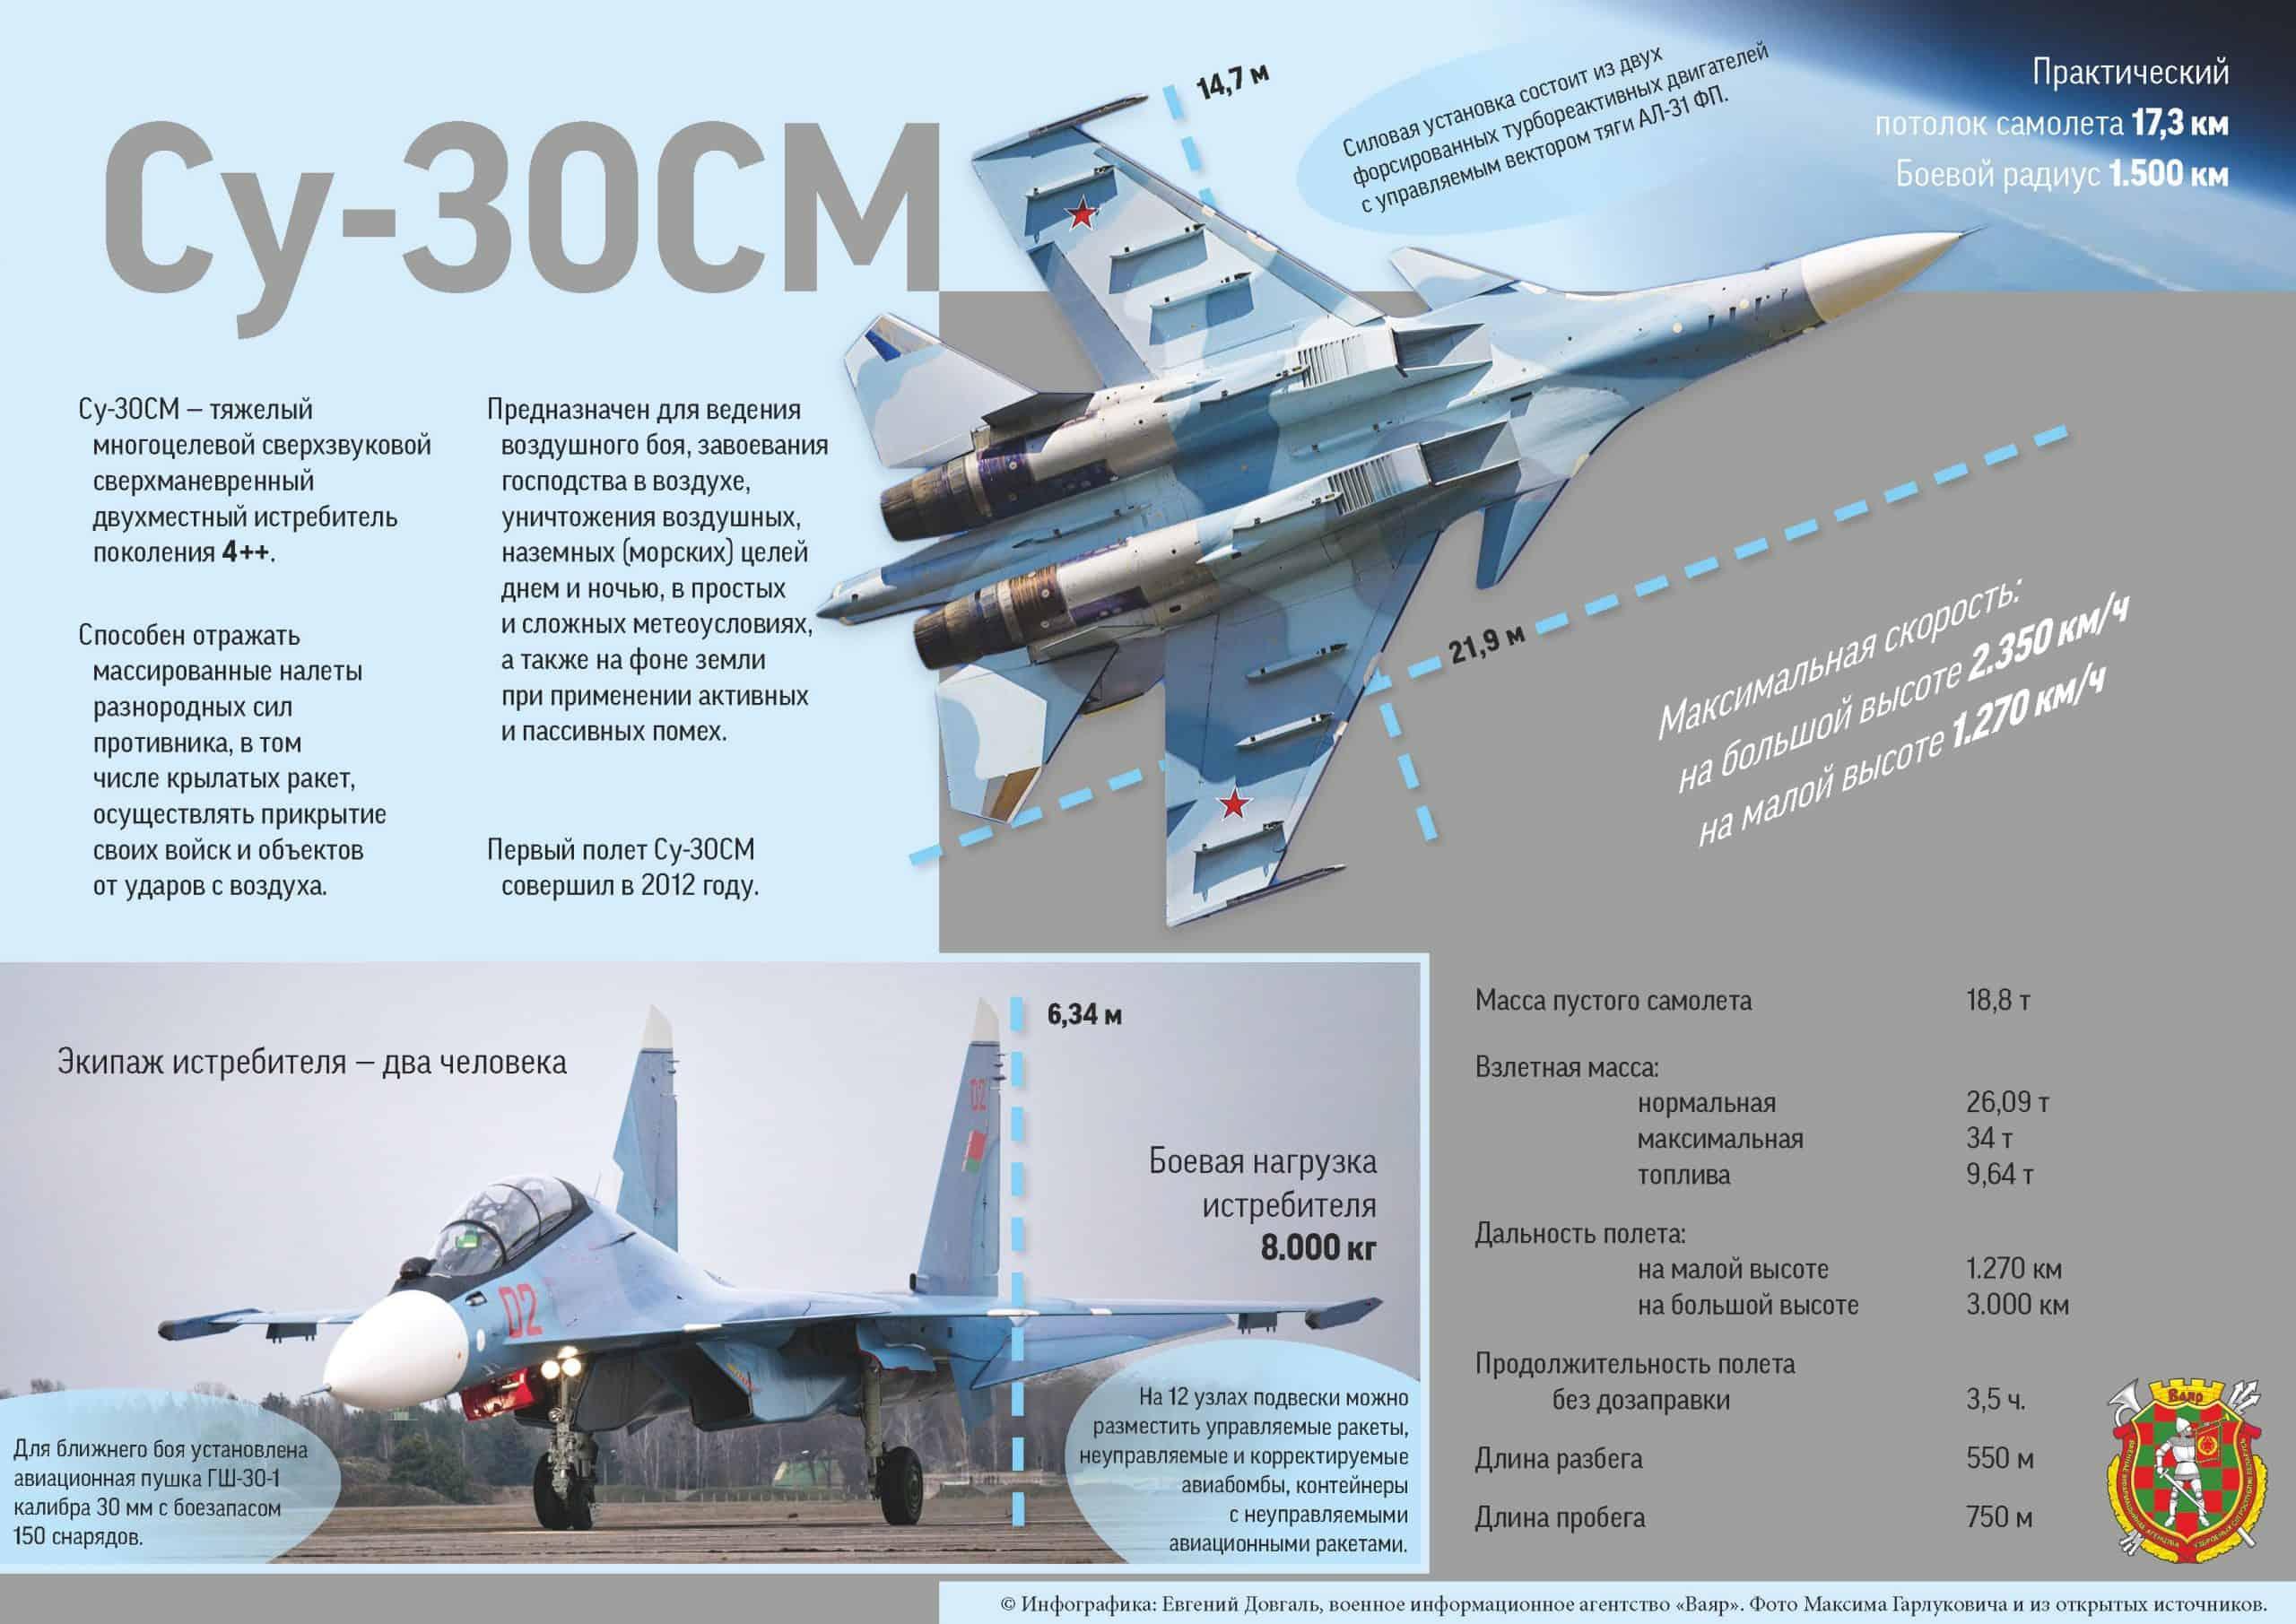 Су-30 СМ інфографіка